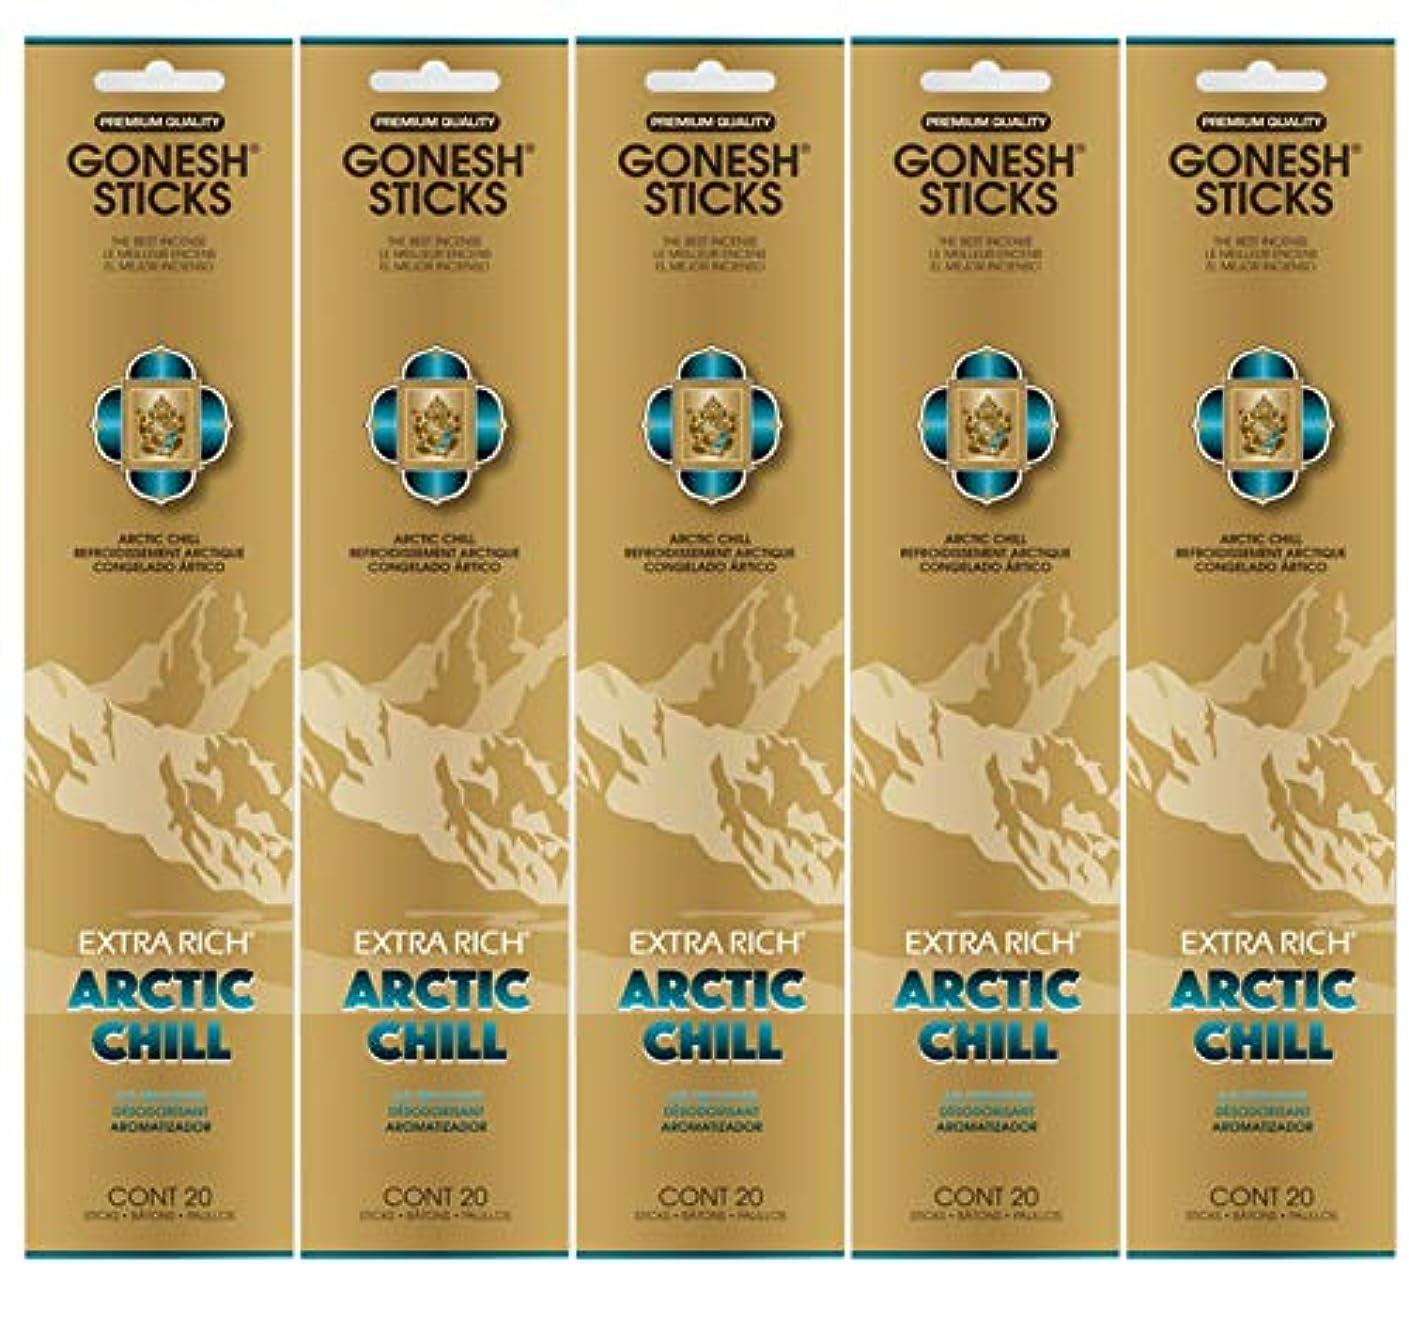 アーティスト対話止まるGonesh お香スティック エクストラリッチコレクション - Arctic Chill 5パック (合計100本)